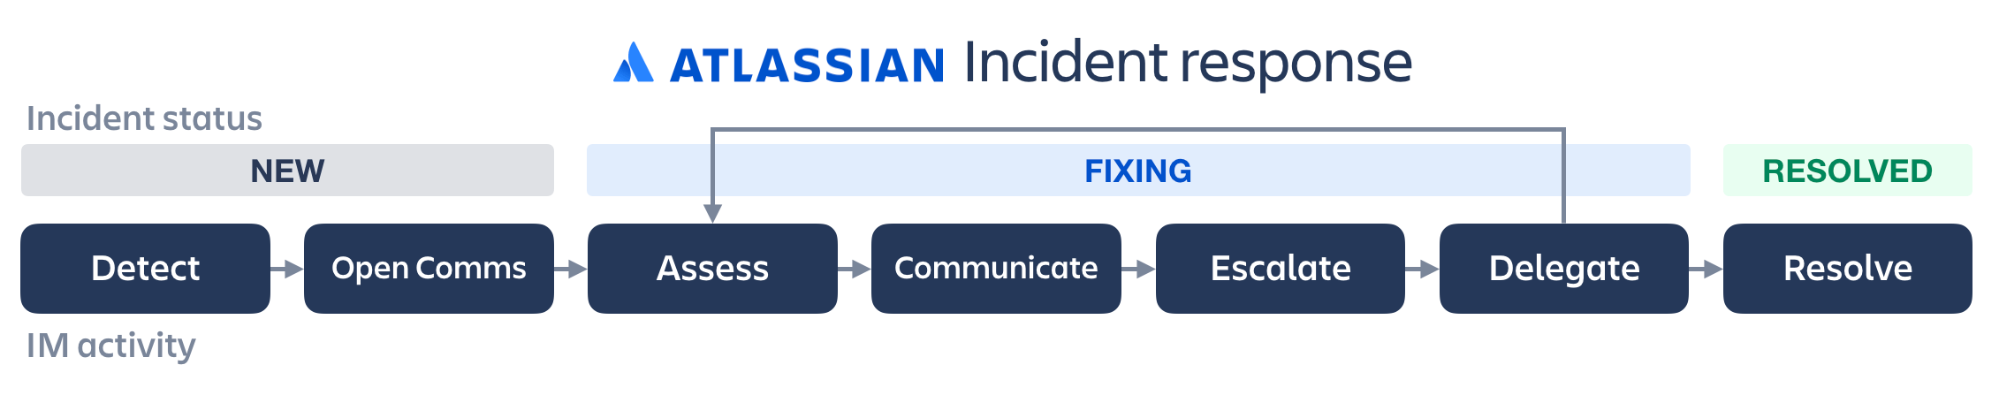 Illustration de la réponse aux incidents: détecter, ouvrir des canaux de communication, évaluer, communiquer, faire remonter, déléguer, résoudre